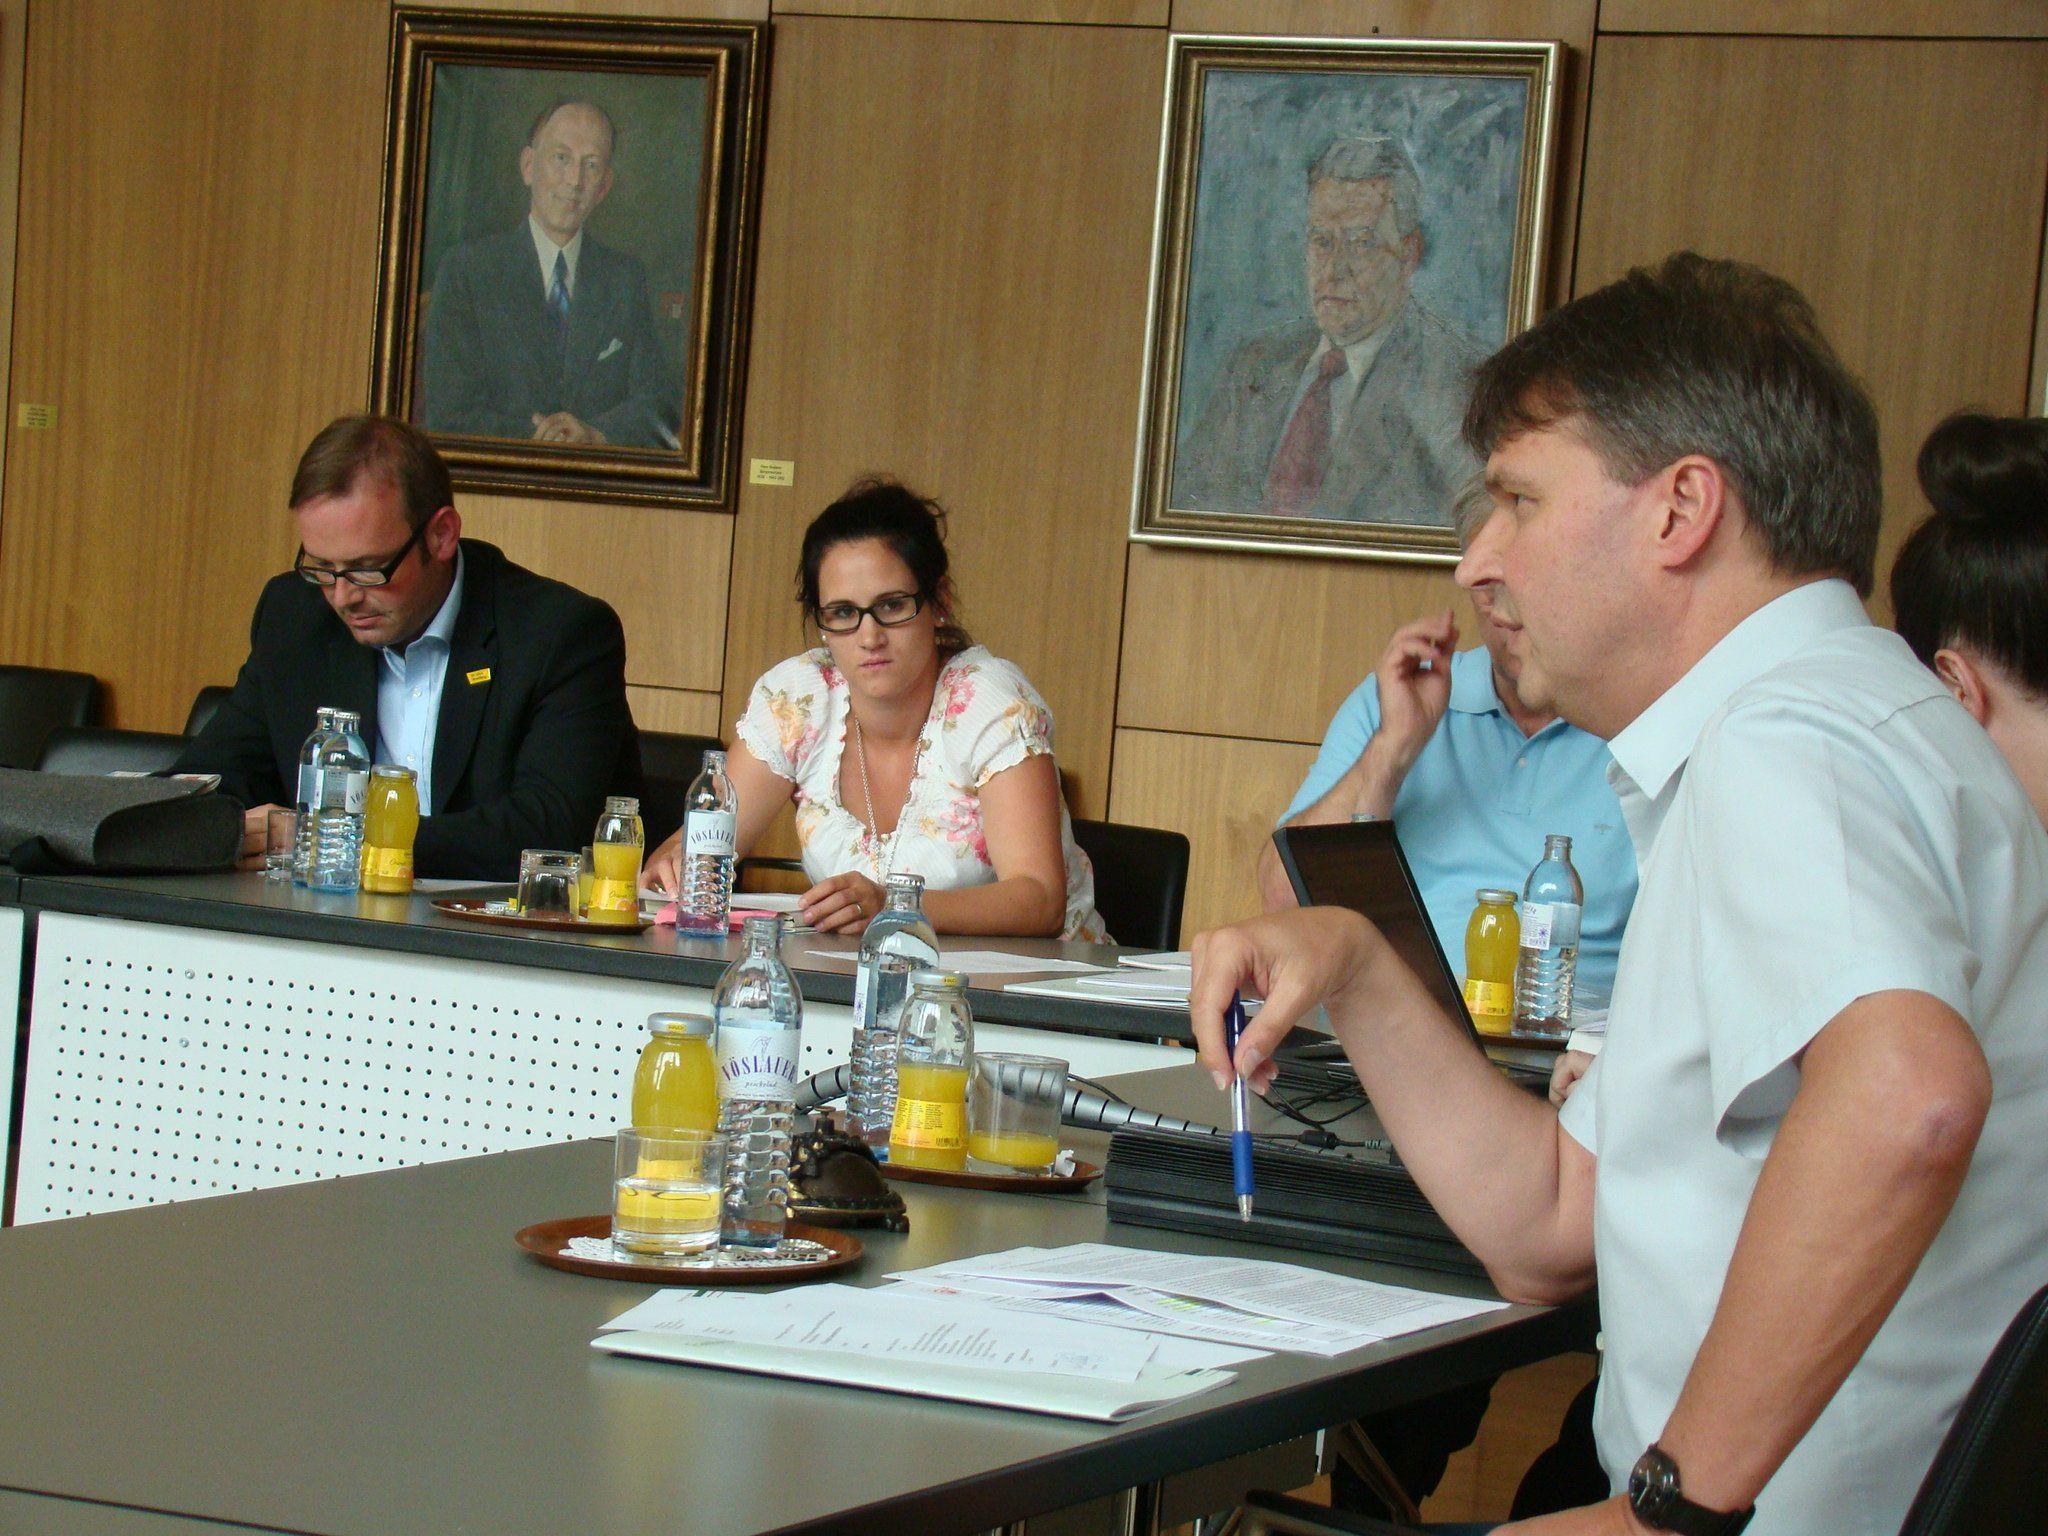 Bürgermeister Dr. Kurt Fischer leitete die GV-Sitzung wieder mit Elan.